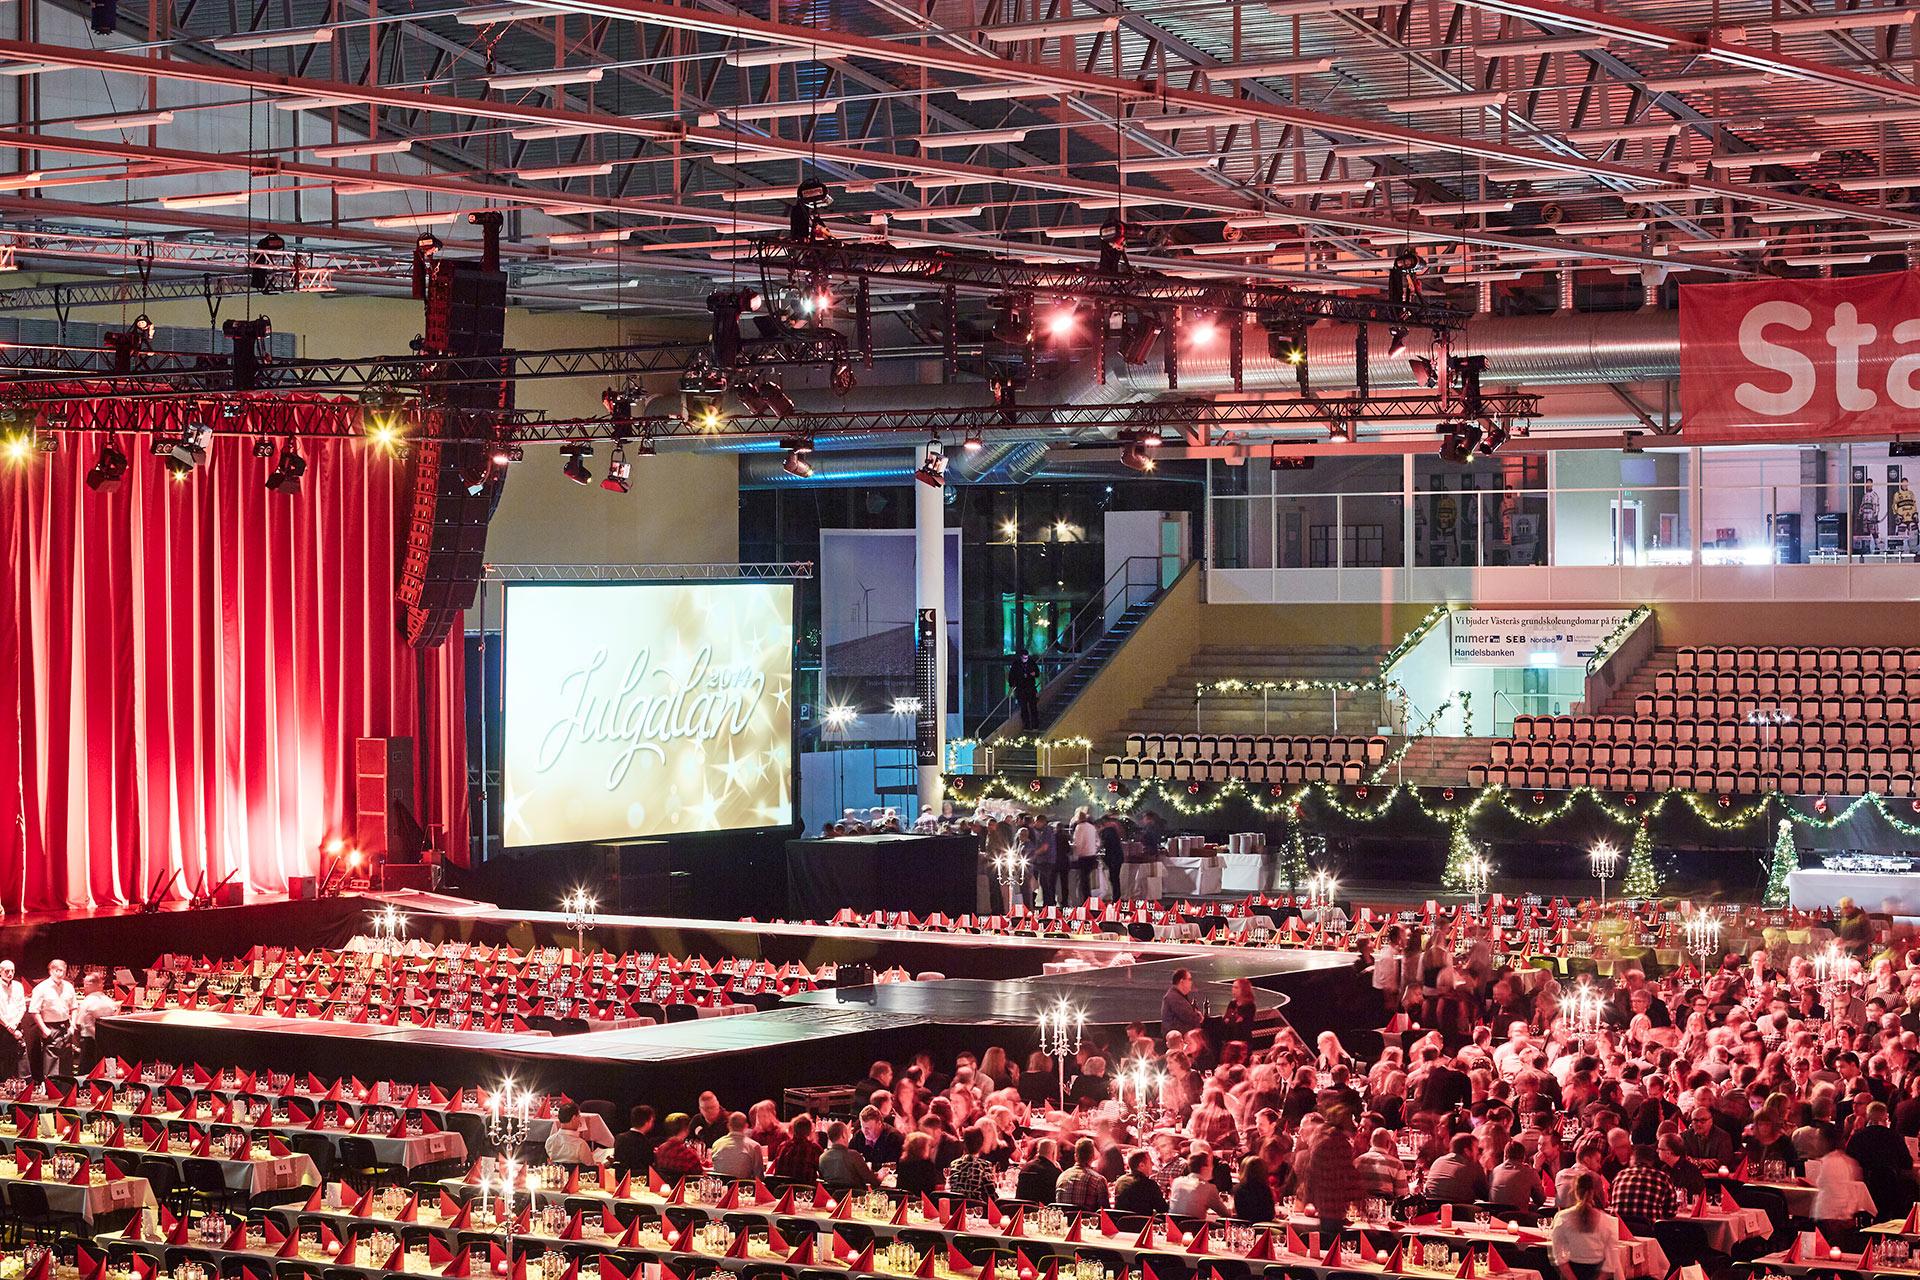 Julgala på ABB Arena Syd i Västerås. Fotograf: Pia Nordlander